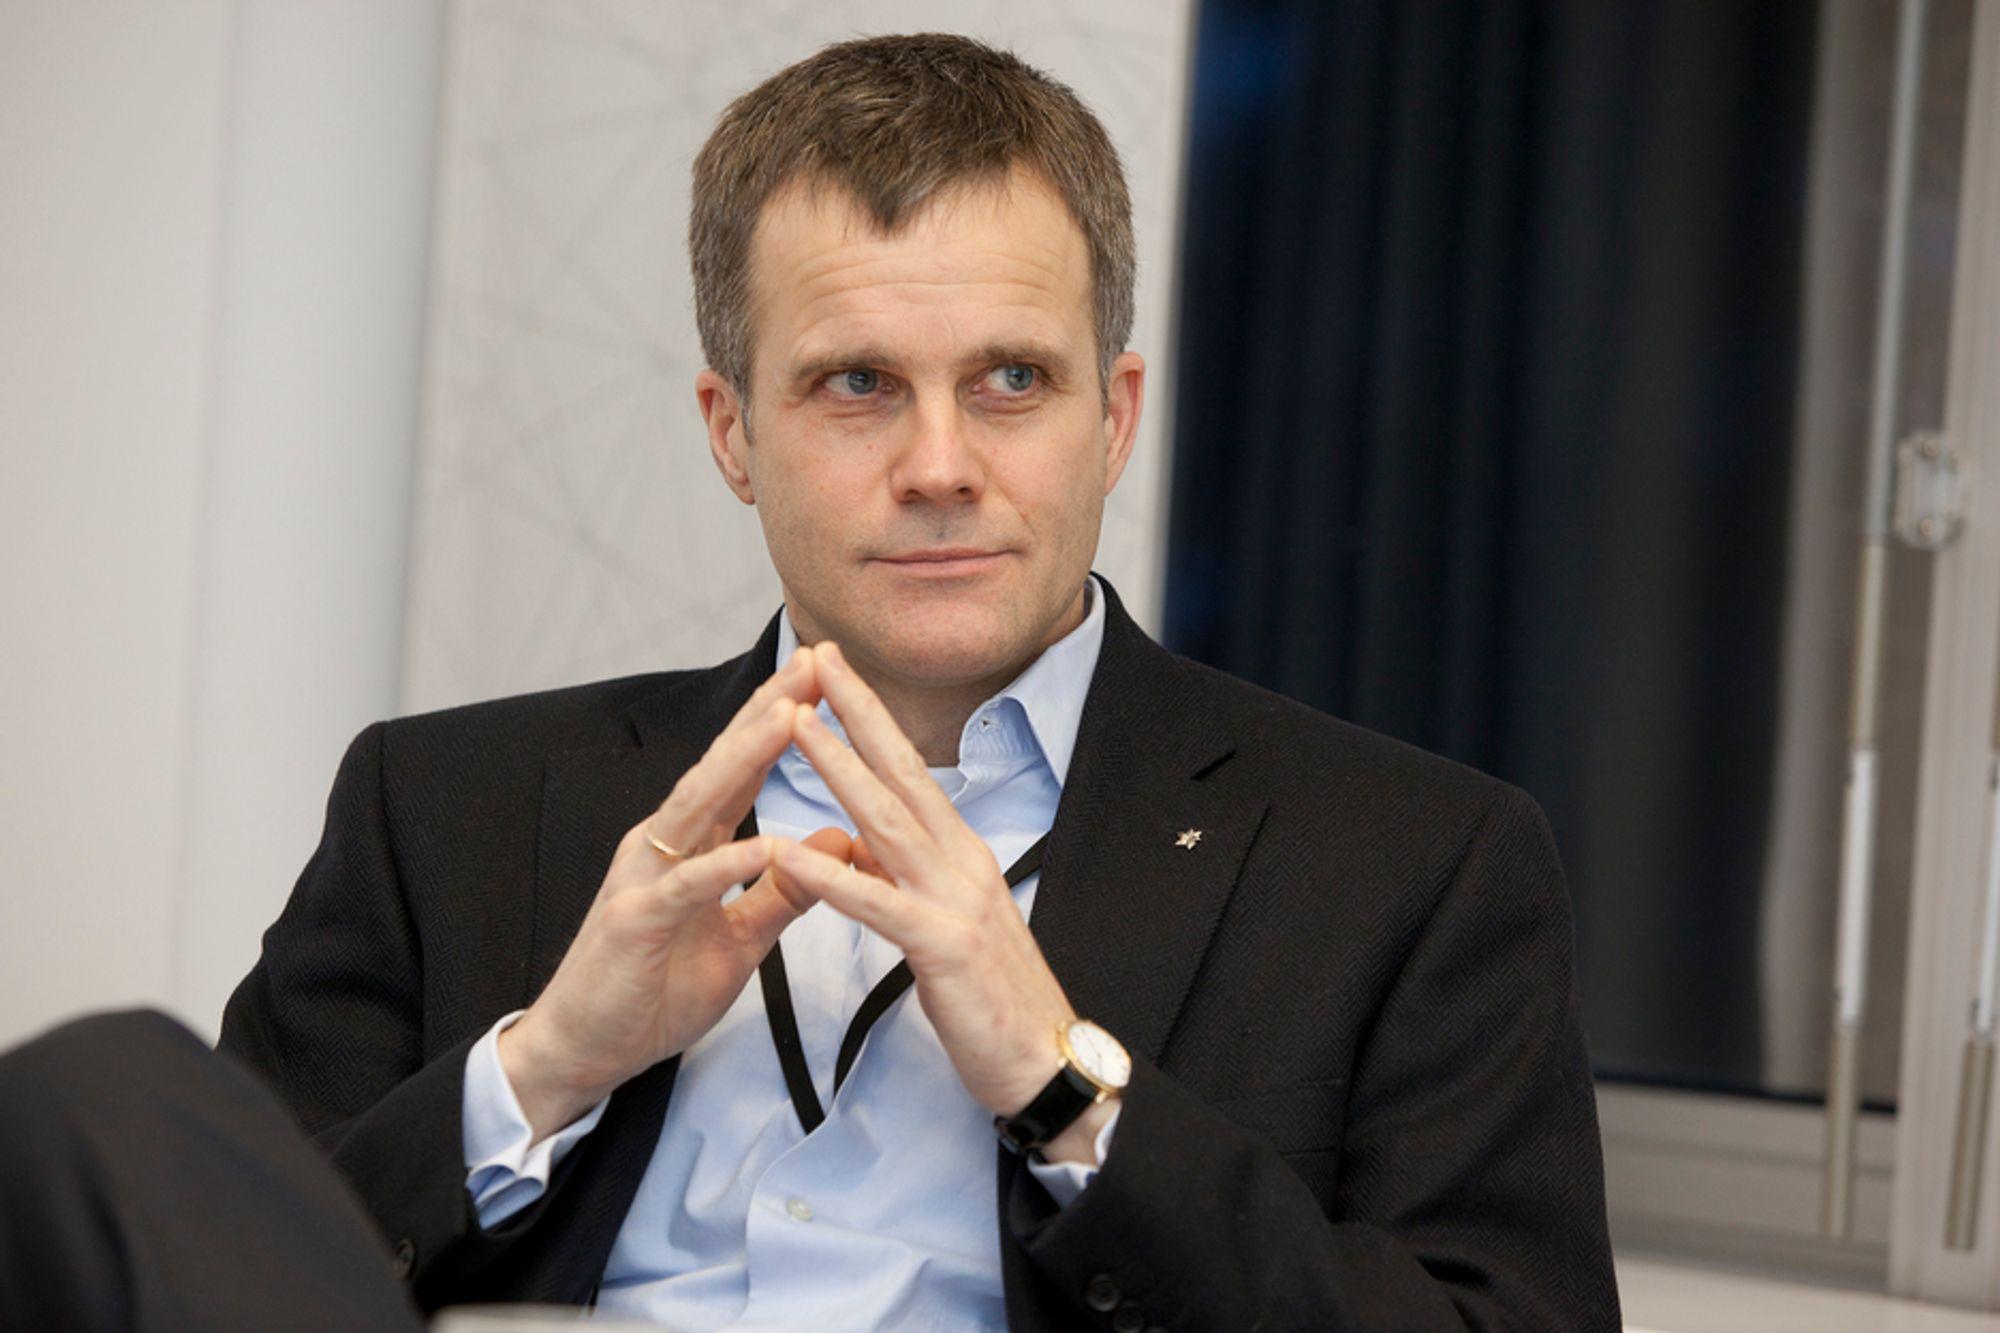 YDMYK: Statoil-sjef Helge Lund og hans ansatte har fått mye kritikk etter problemene på Gullfaks. Men Lund gjør lurt i å være ydmyk for at Statoil bør ha enda mer fokus på sikkerhet.